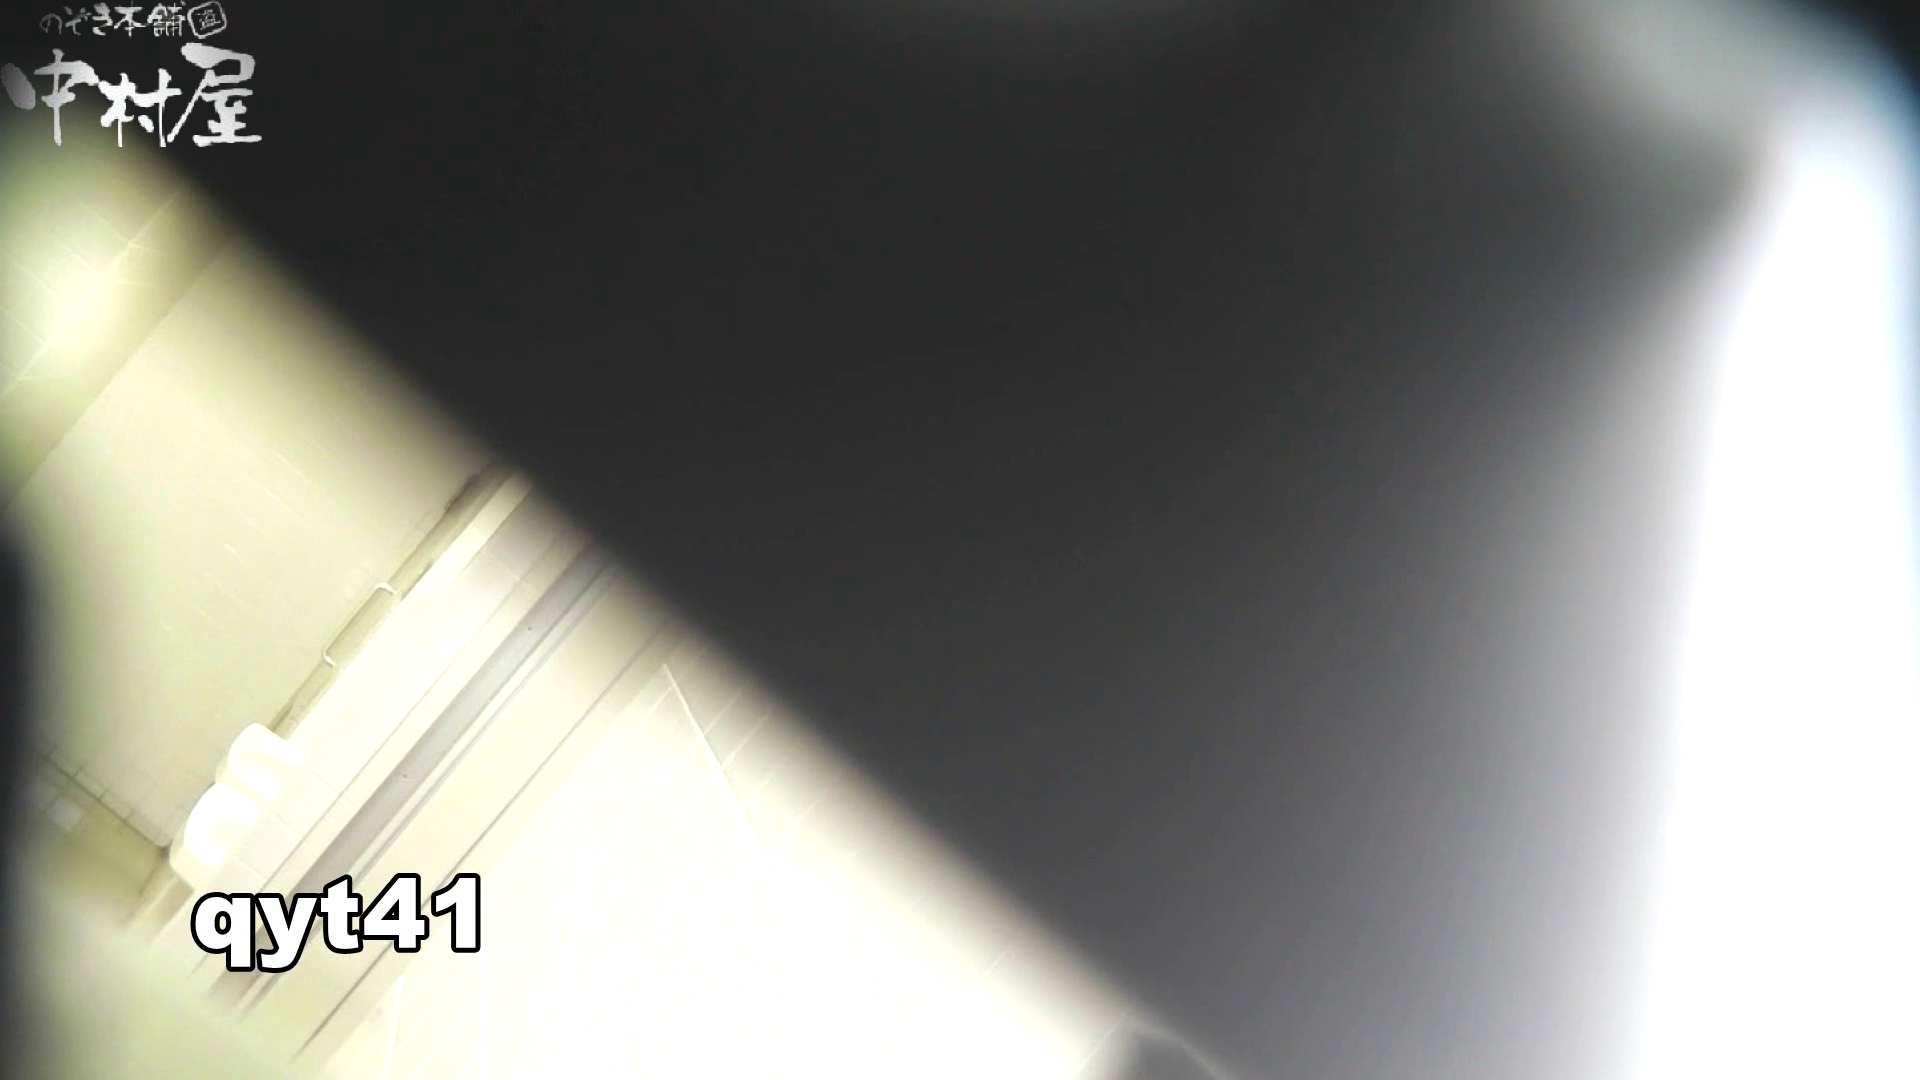 【お銀さんの「洗面所突入レポート!!」】お銀さんの「洗面所突入レポート!!」 vol.41 ジャジャ漏れ 美人 | 洗面所  60連発 28